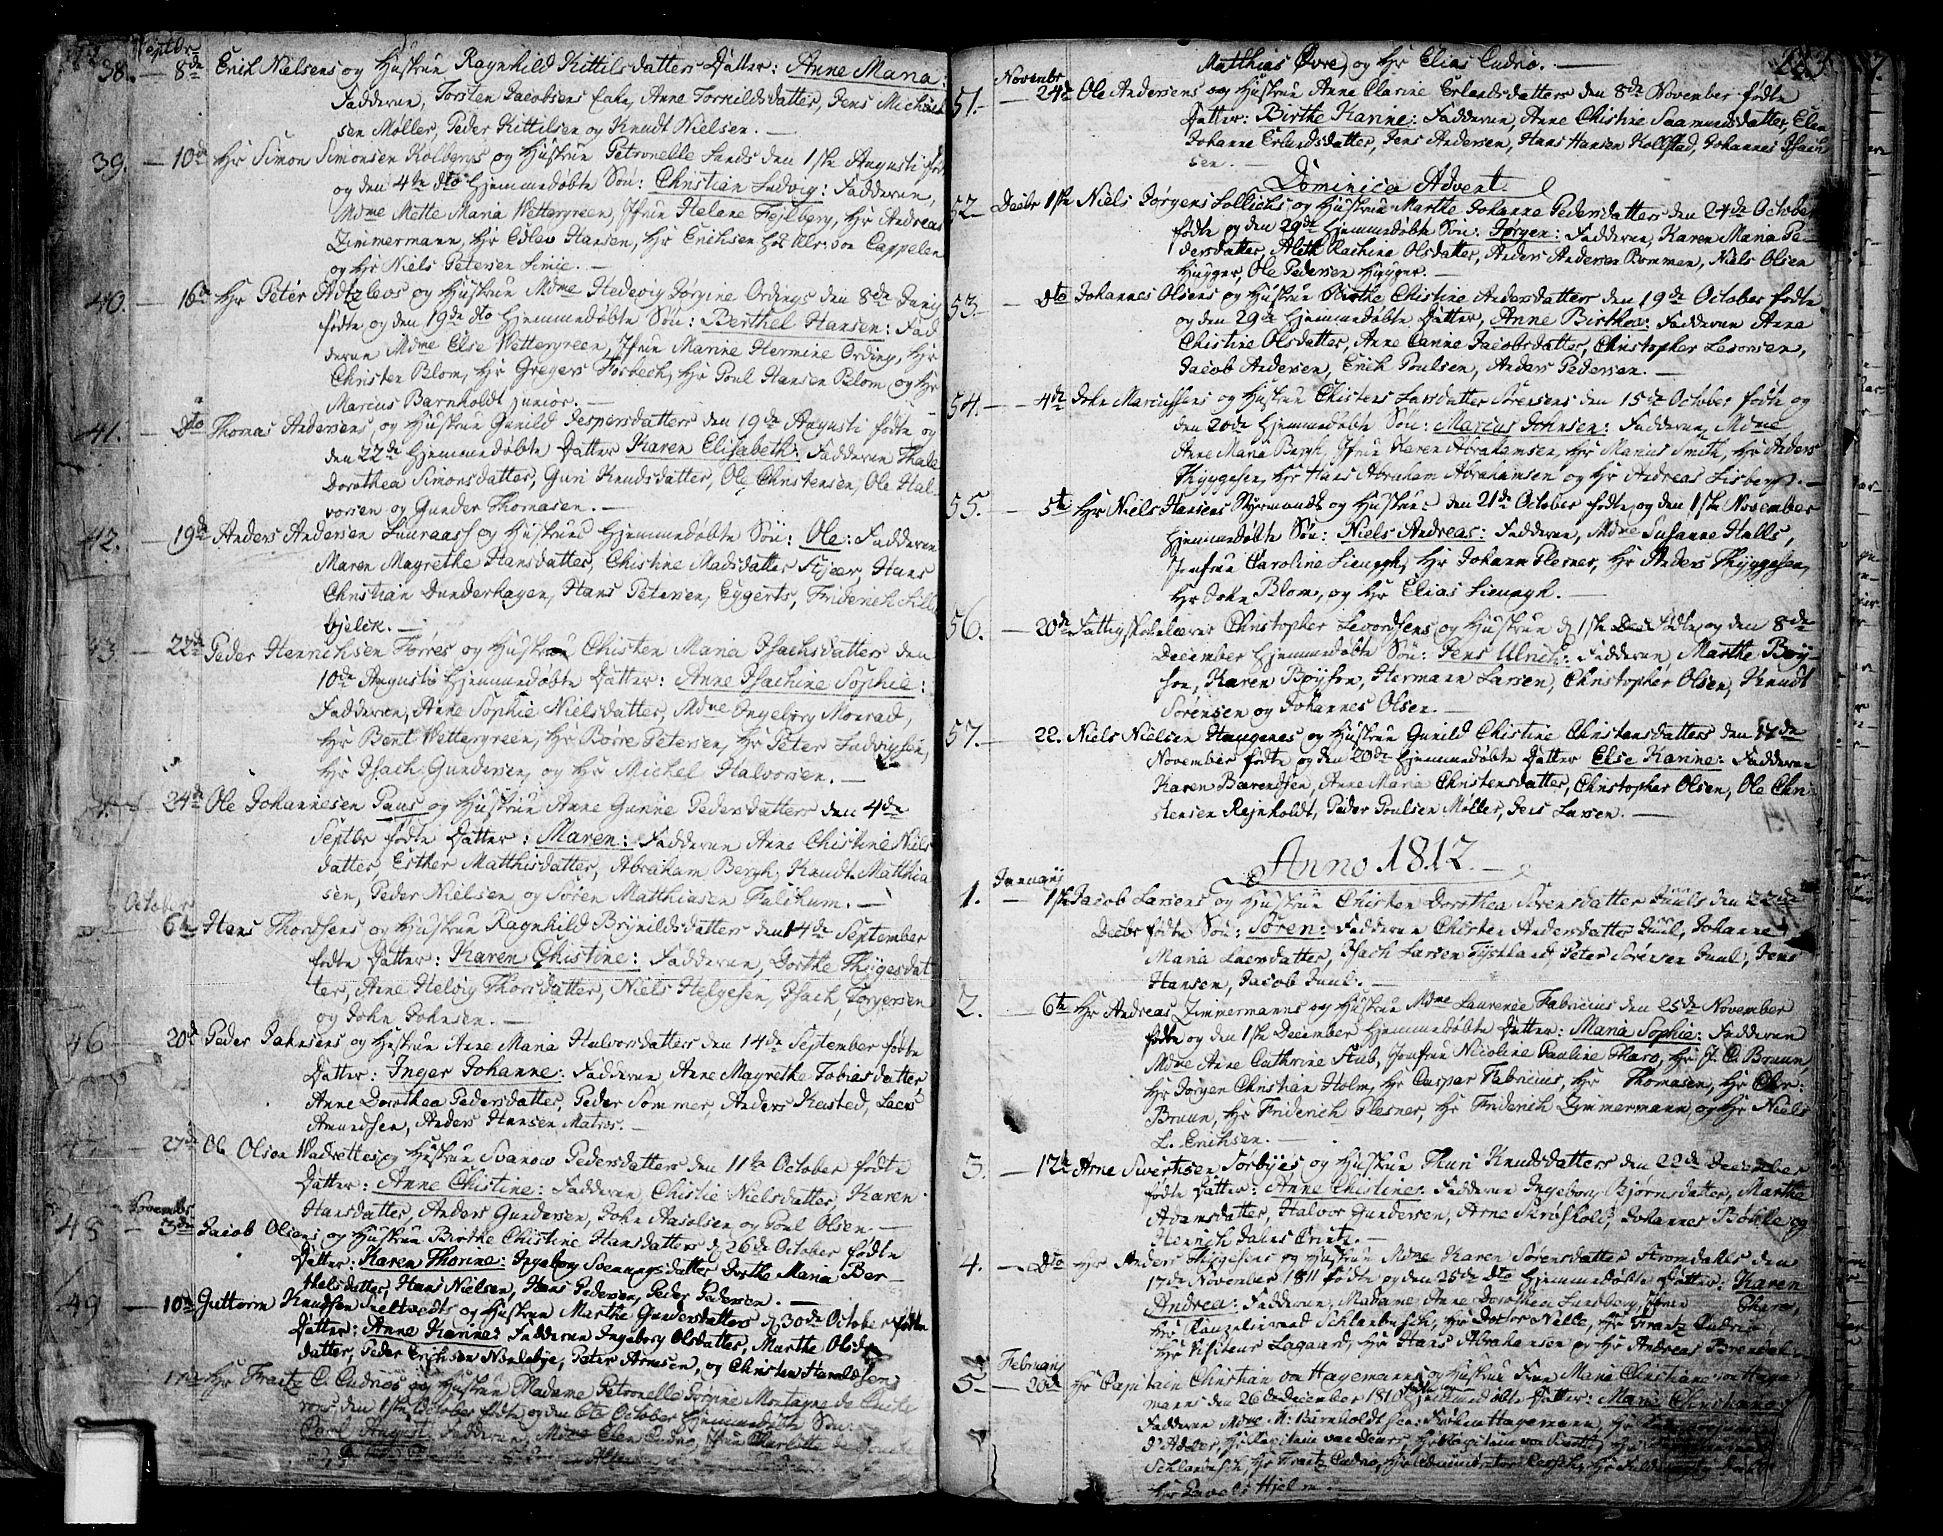 SAKO, Skien kirkebøker, F/Fa/L0004: Ministerialbok nr. 4, 1792-1814, s. 222-223